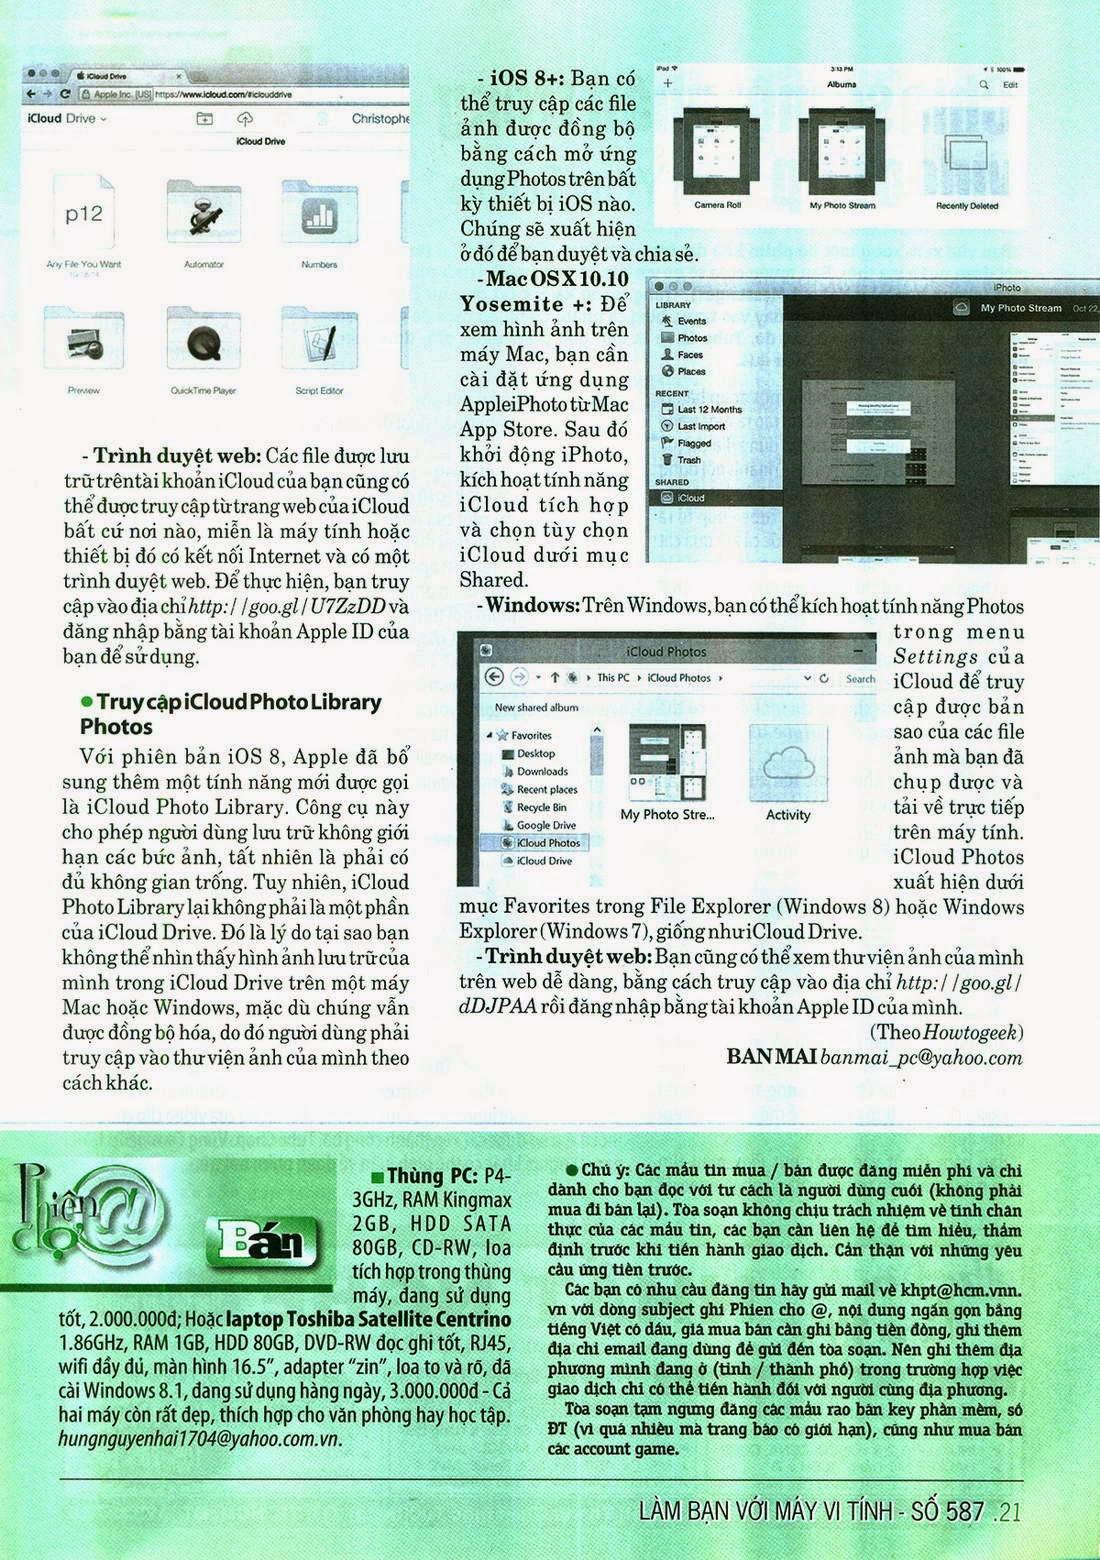 Làm Bạn Với Máy Vi Tính – 587 - tapchicntt.com